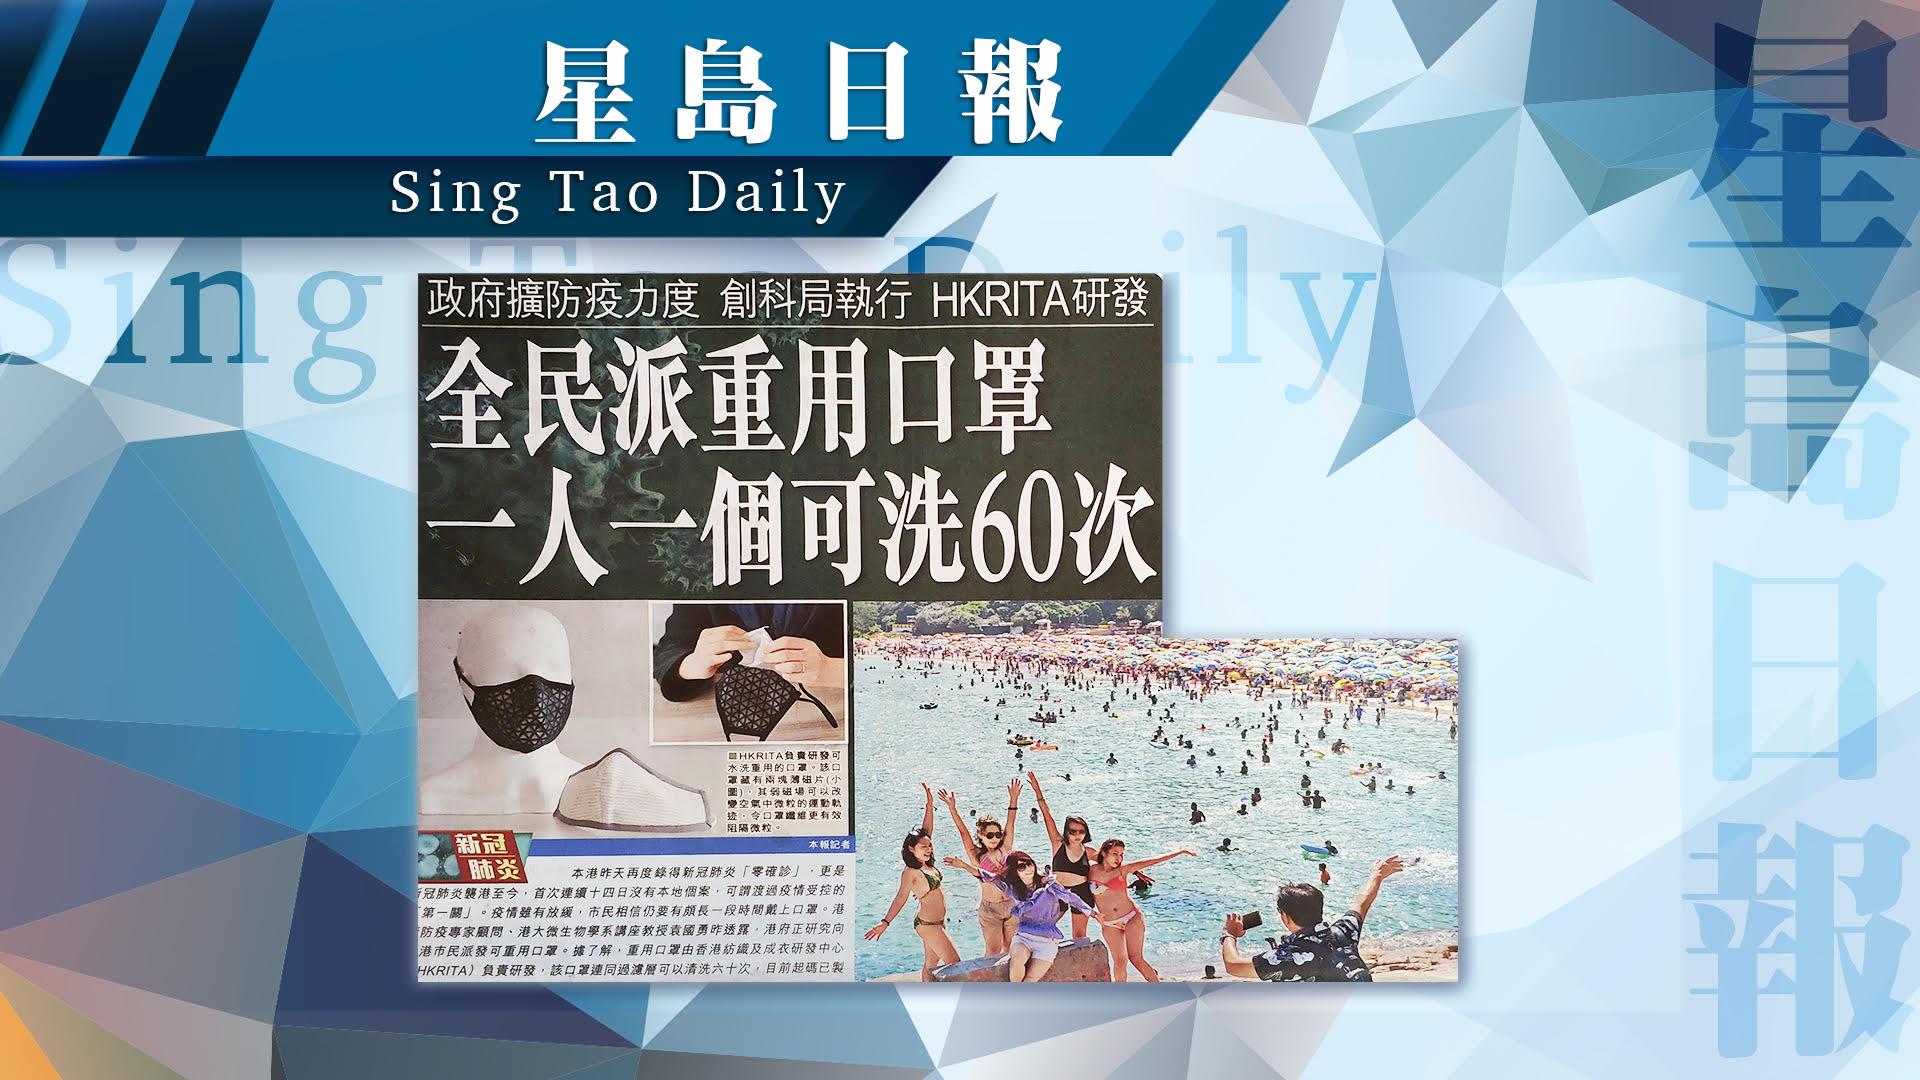 【報章A1速覽】鄧炳強明知僭建 照租風水屋;限聚擬放寬 暫傾向8人